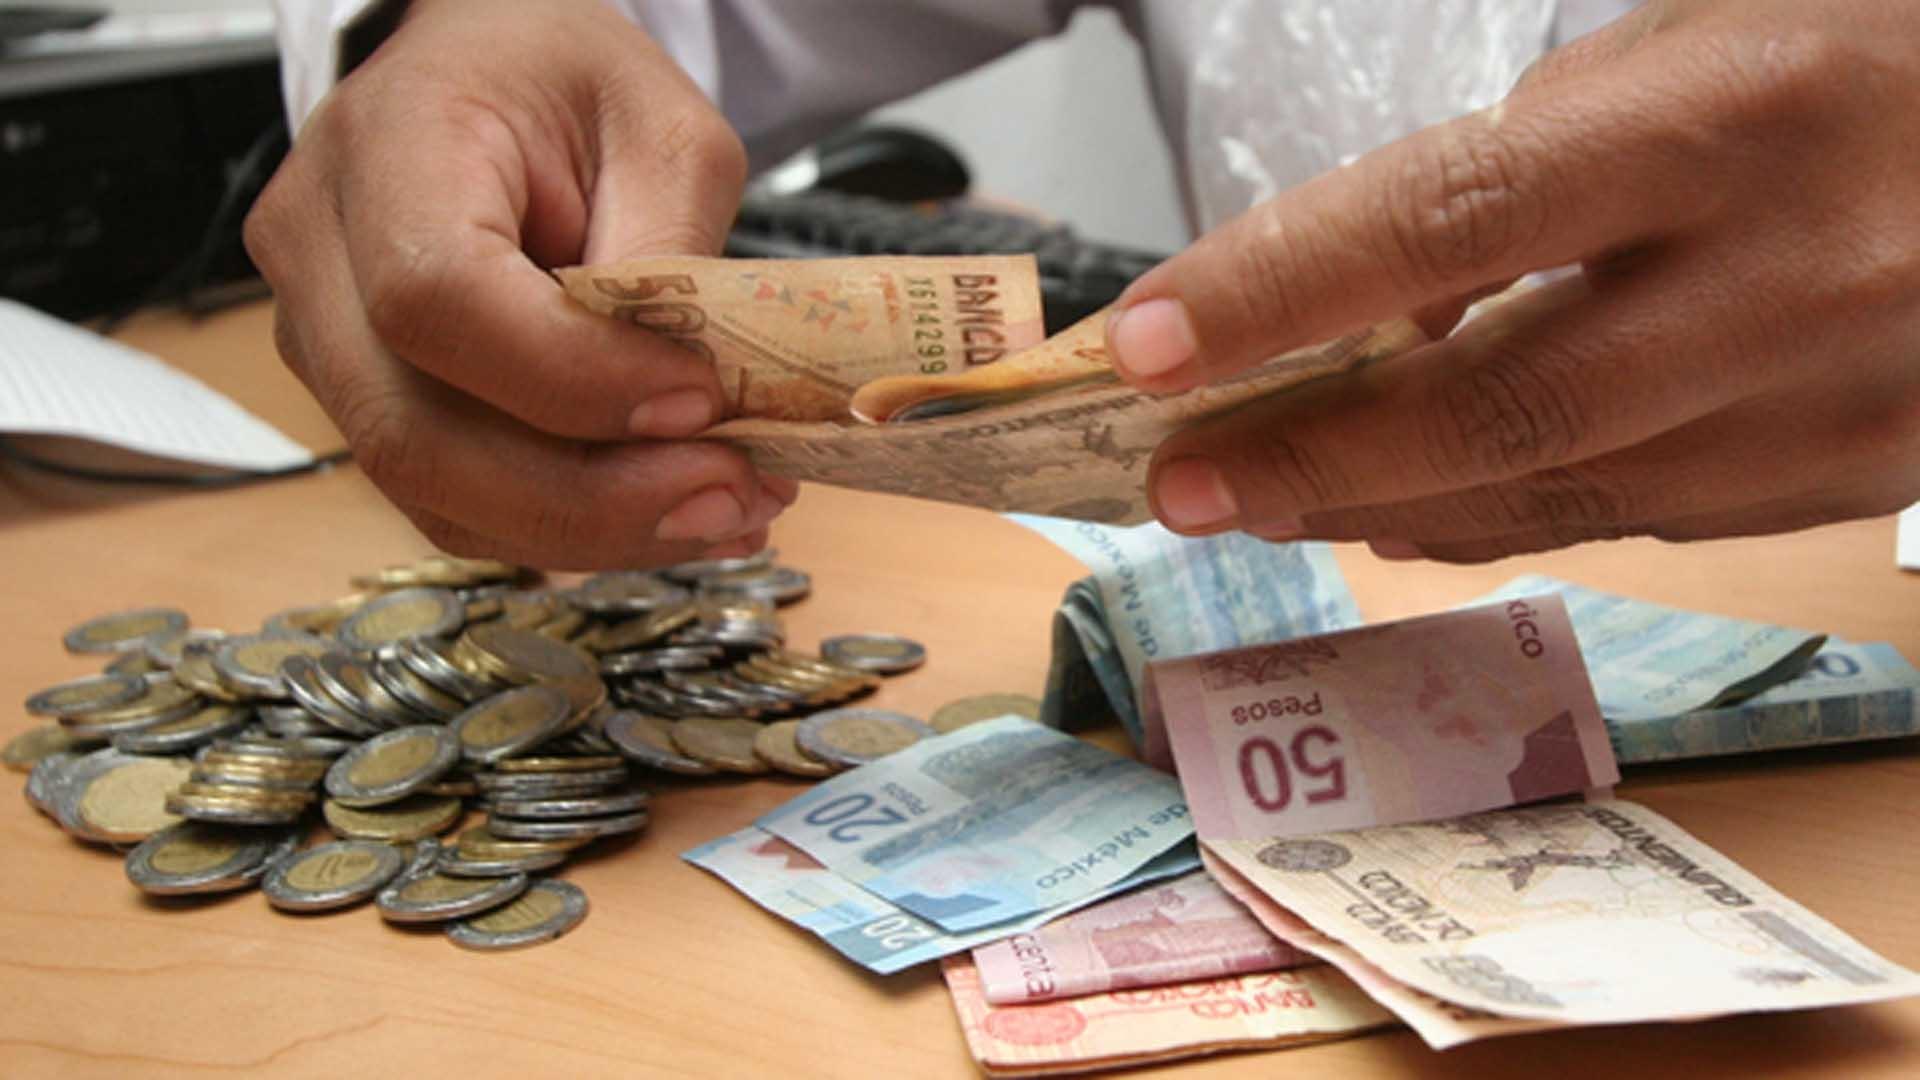 Propone PAN aumentar el salario a 100 pesos diarios